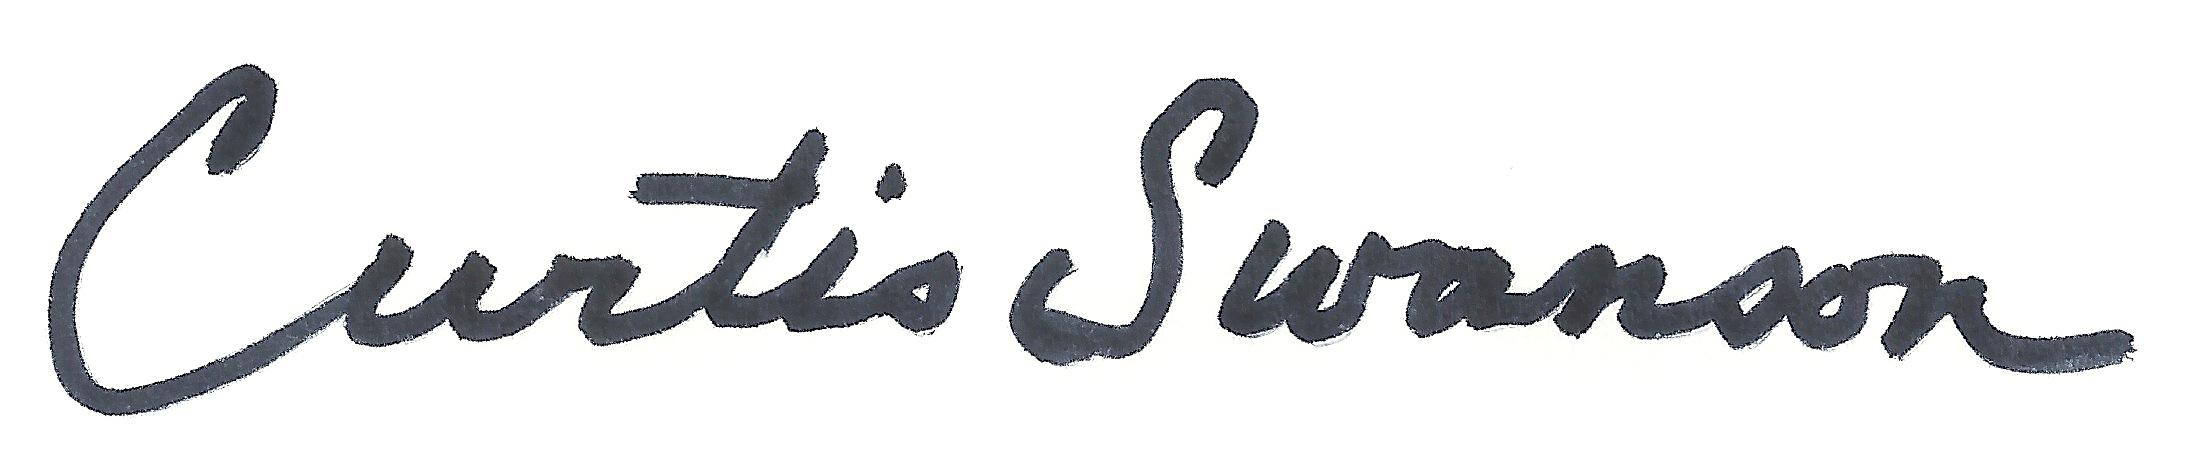 Curtis Swanson Signature